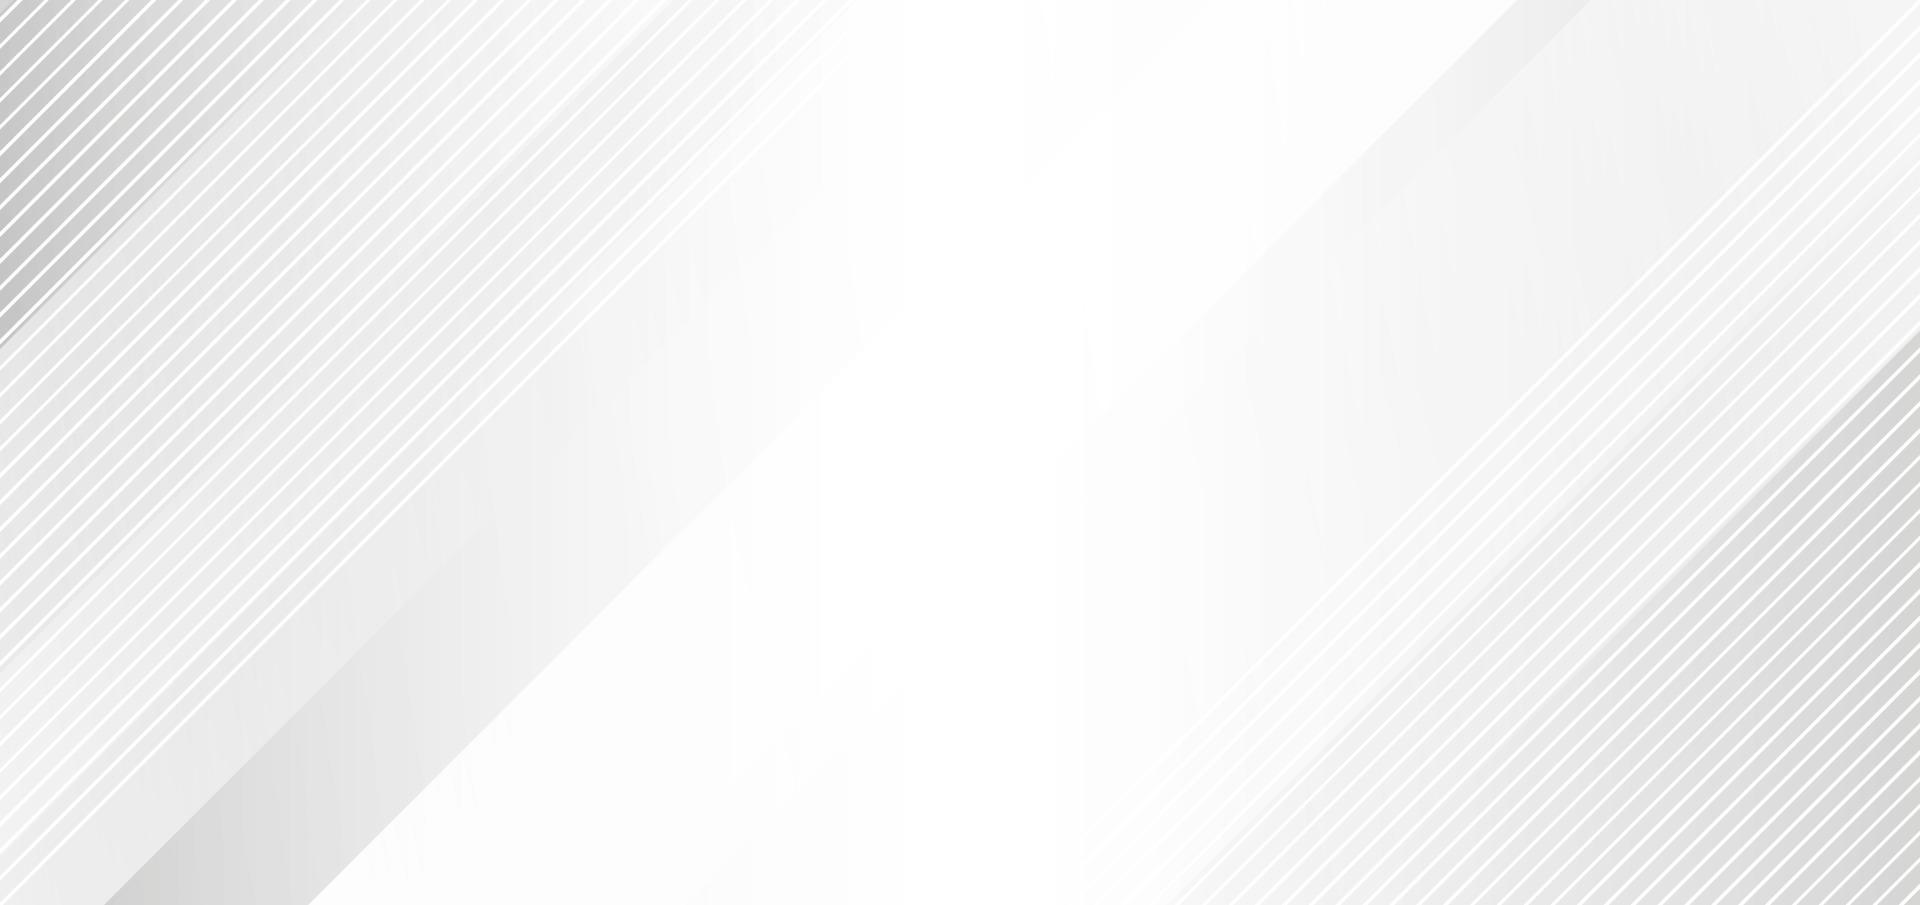 abstrakter eleganter weißer und grauer Hintergrund mit diagonalen Streifenlinien. vektor